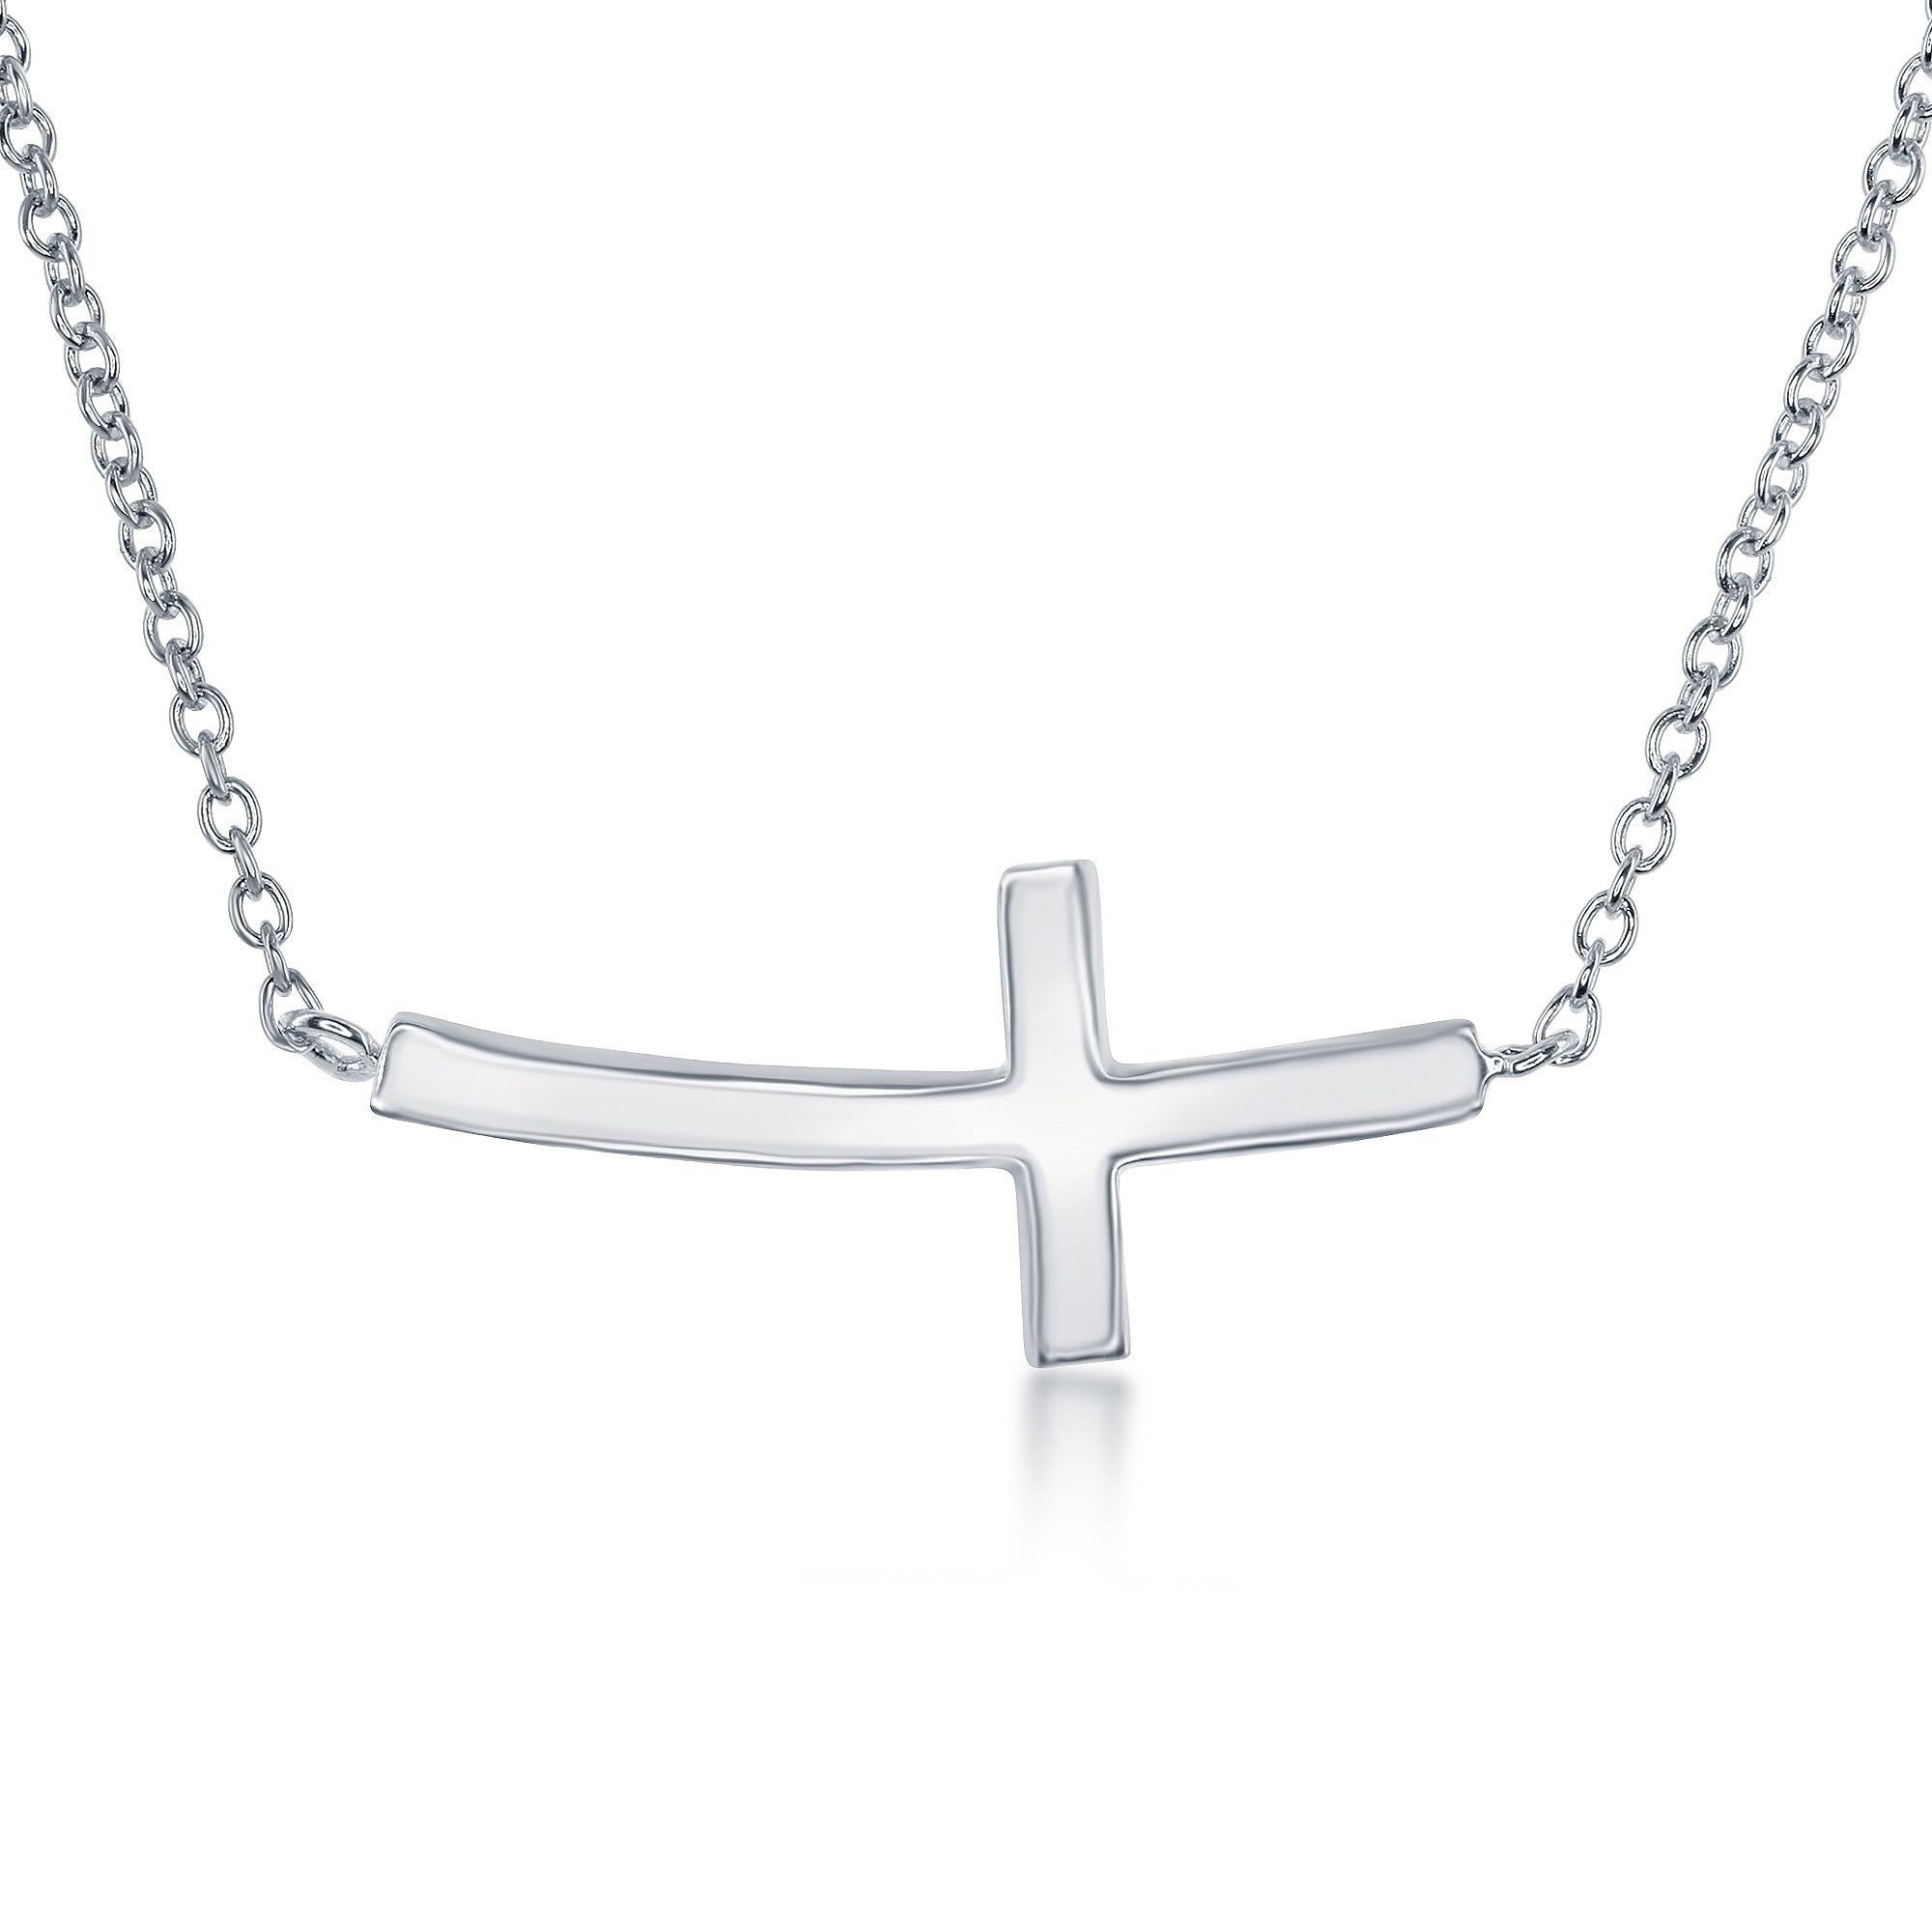 afff7763500c6 La Preciosa Sterling Silver Curved Sideways Cross Necklace